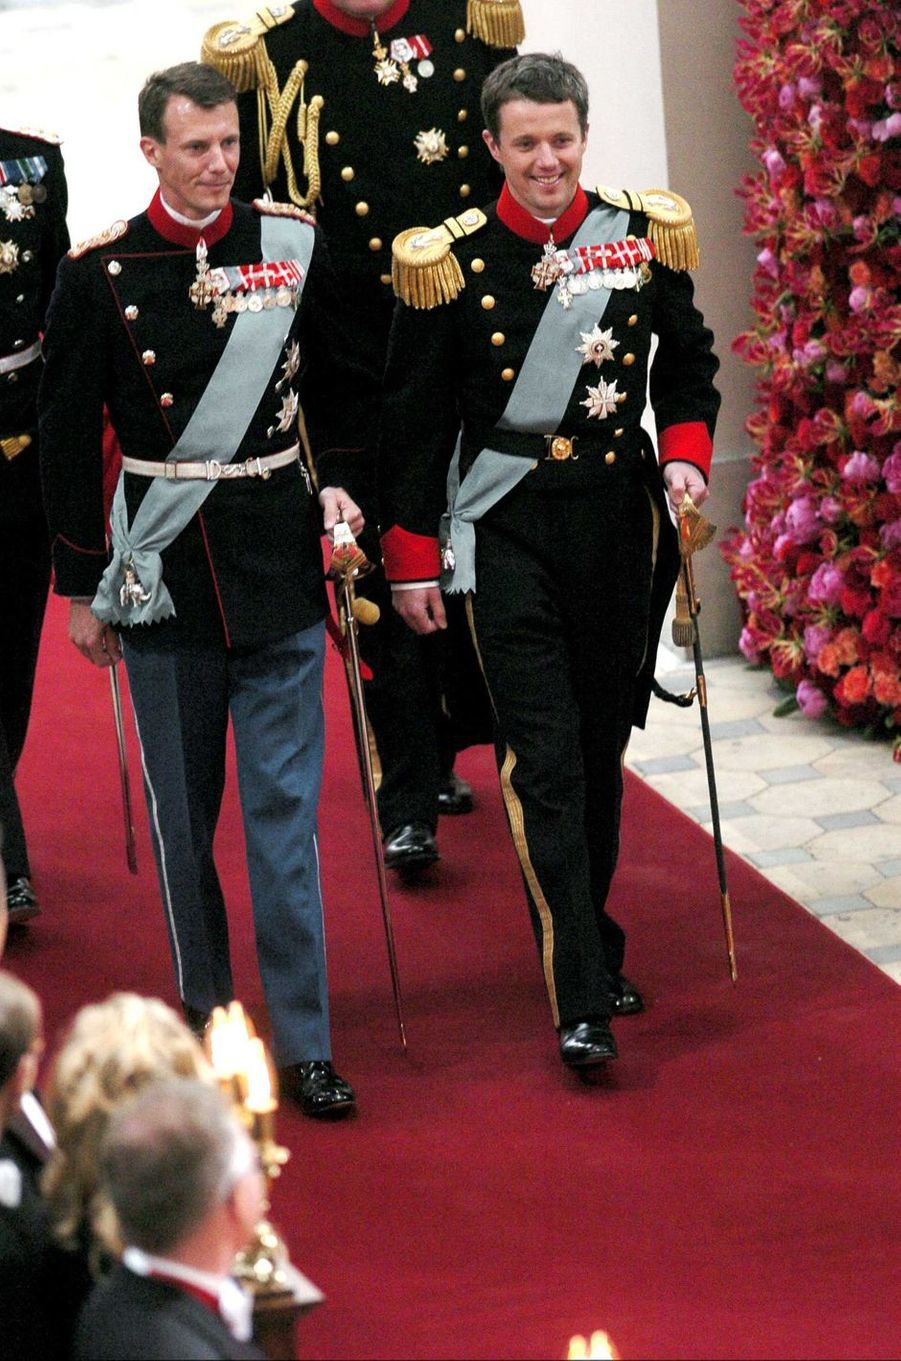 Le prince Frederik de Danemark et son frère le prince Joachim à Copenhague, le 14 mai 2004